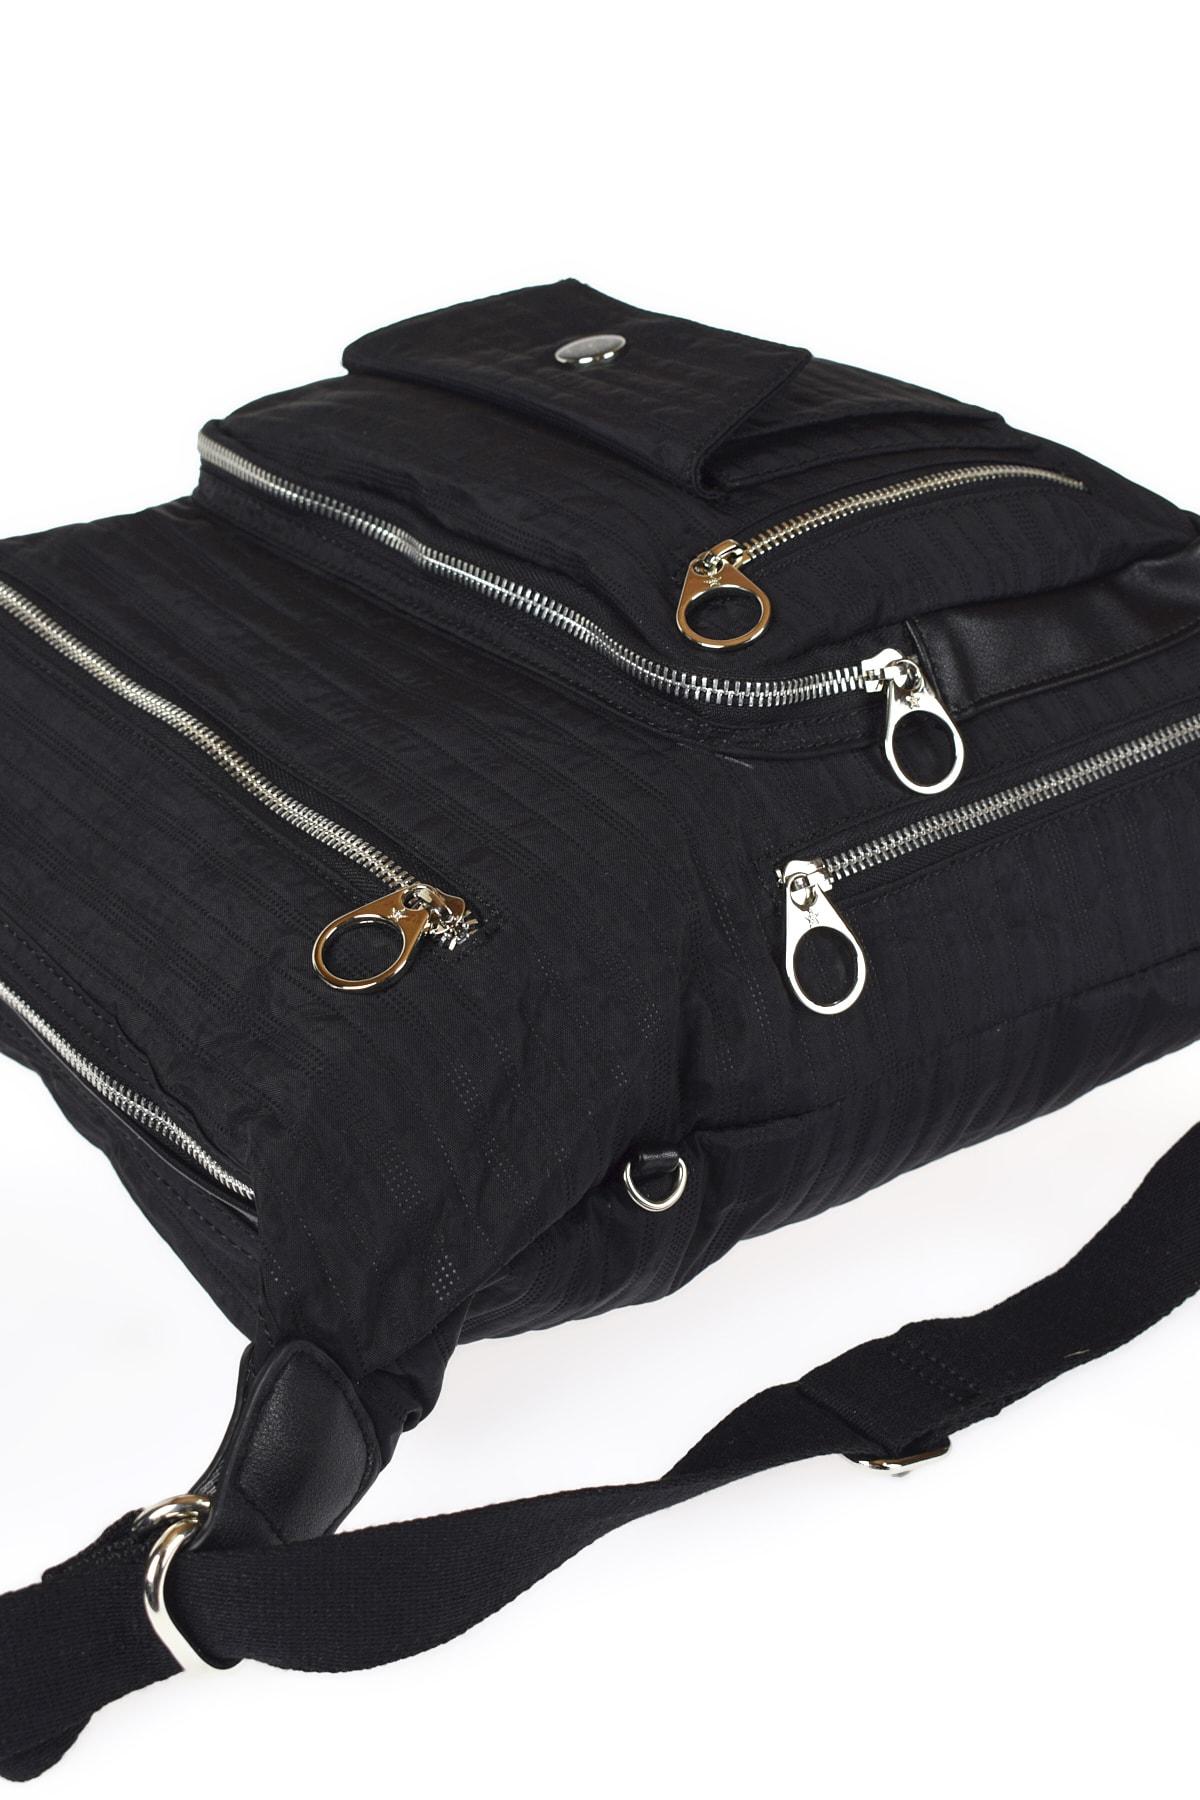 SMART BAGS Siyah Kadın Bel Çantası 0Smgw2020034 2